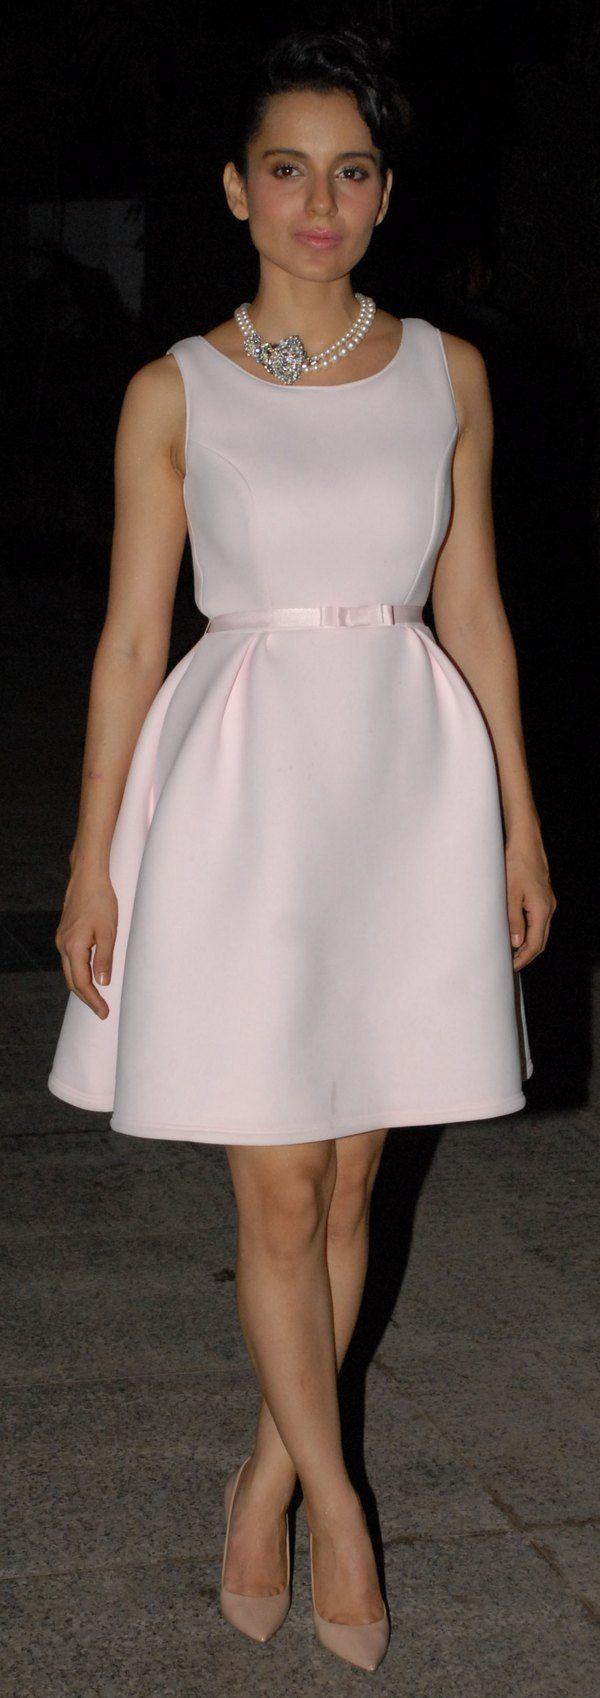 Kangana Ranaut dressed up like Audrey Hepburn on her birthday. #Style #Bollywood #Fashion #Beauty